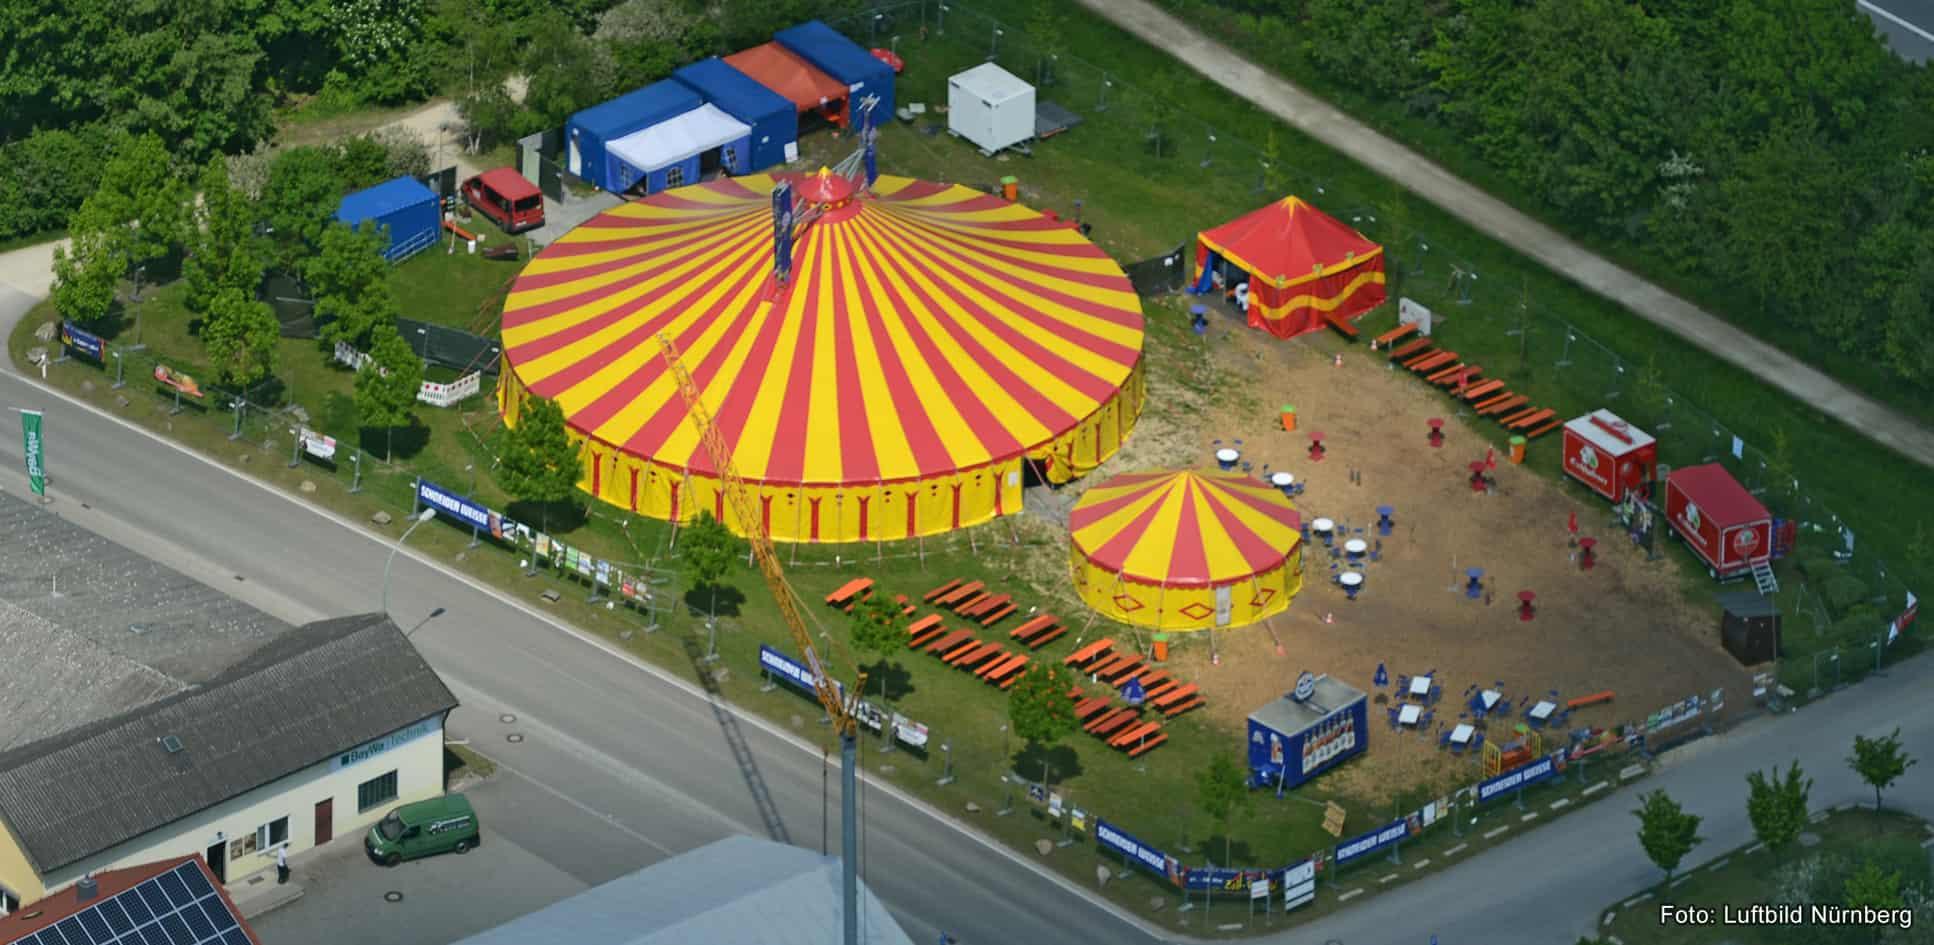 Mega-Künstler auf dem Zelt-Festival